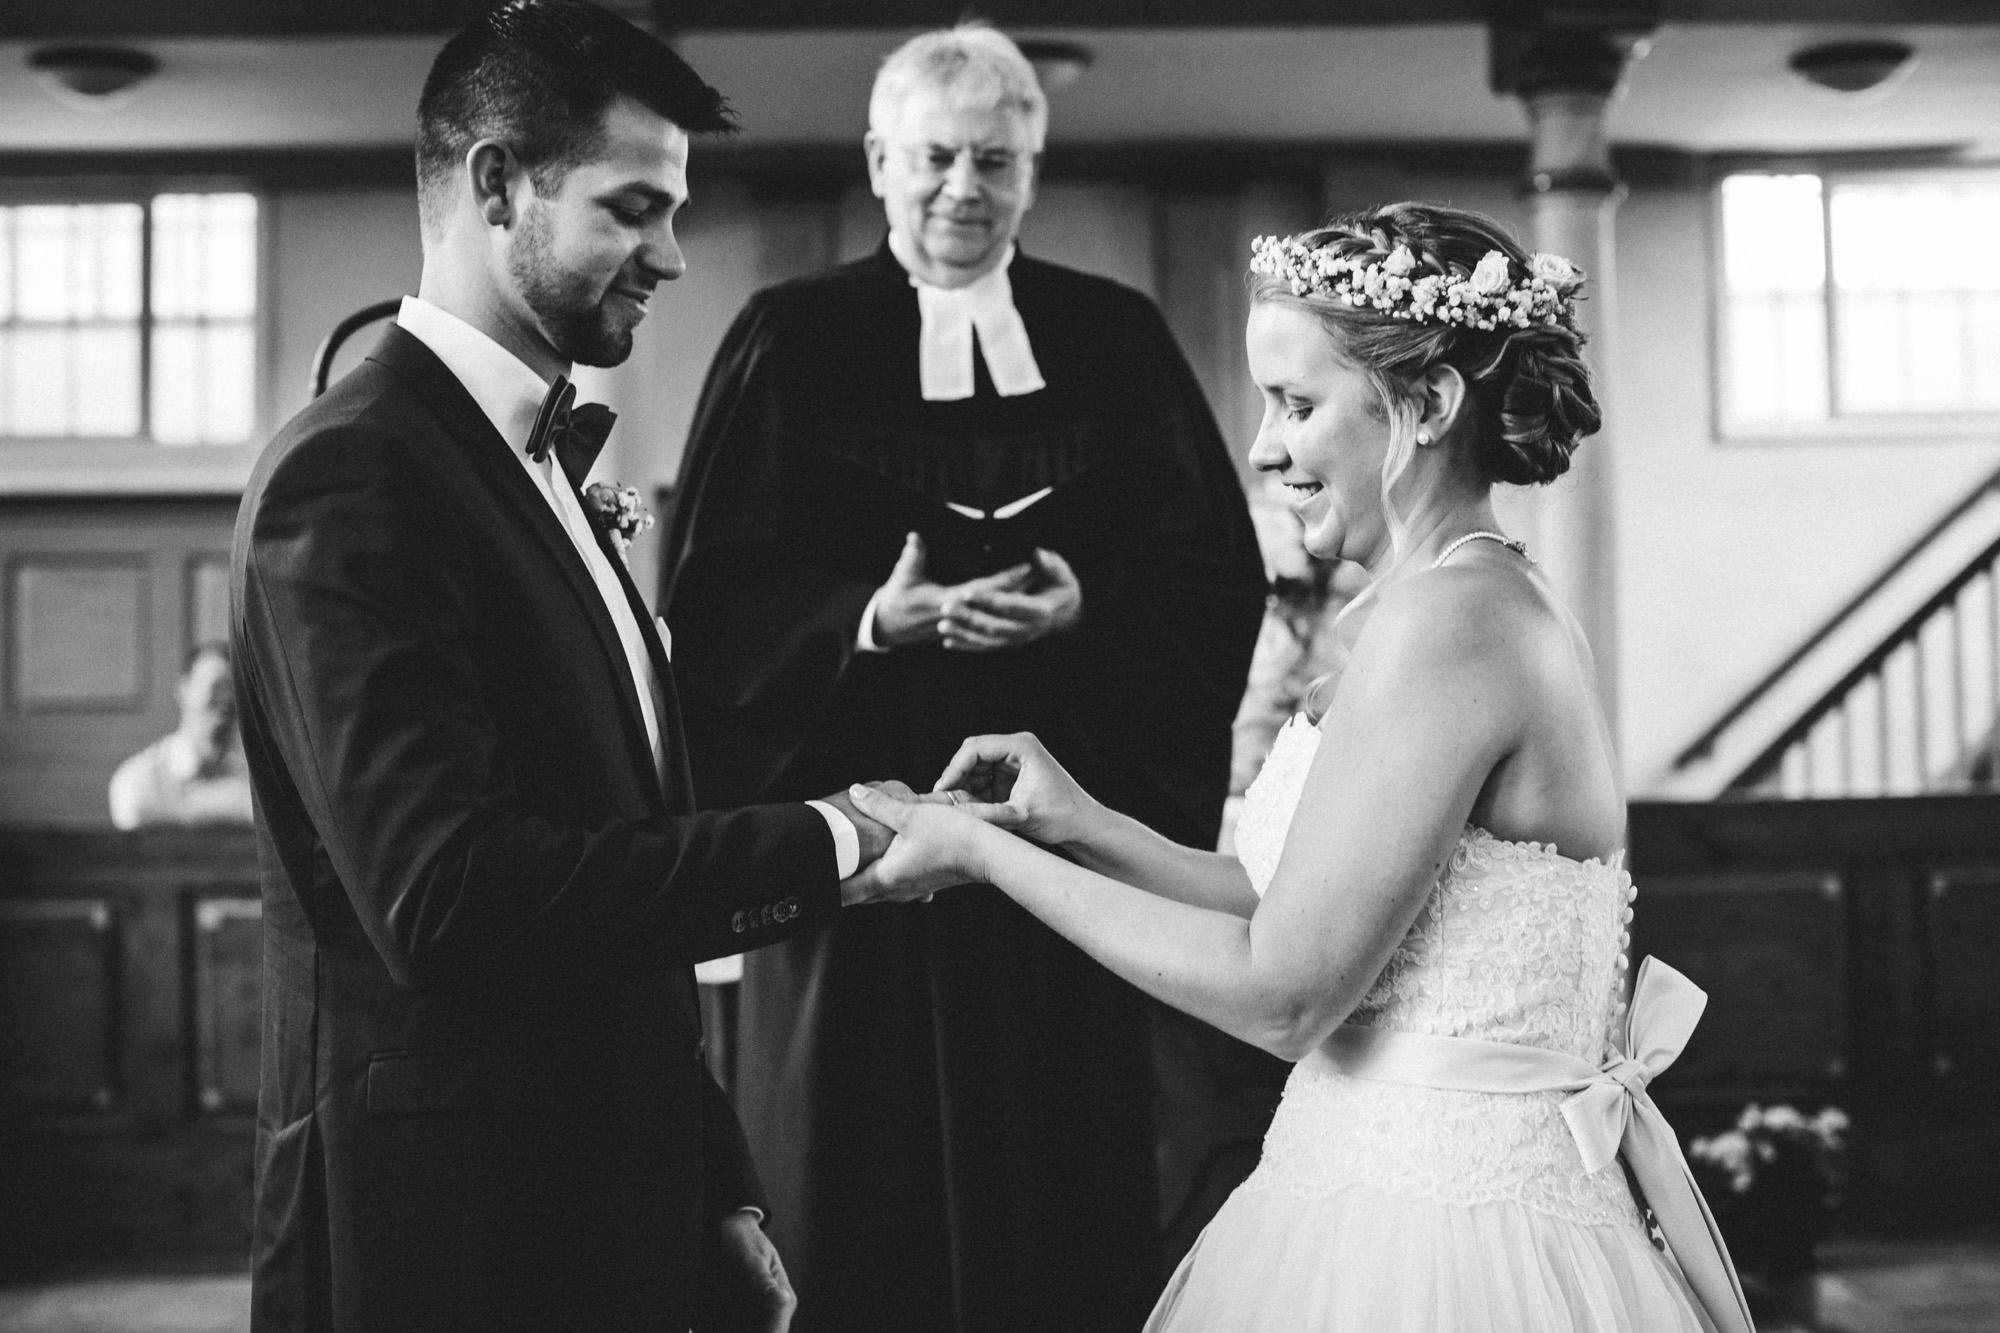 hannah und elias 086 - Schwarz-Weiß Hochzeit